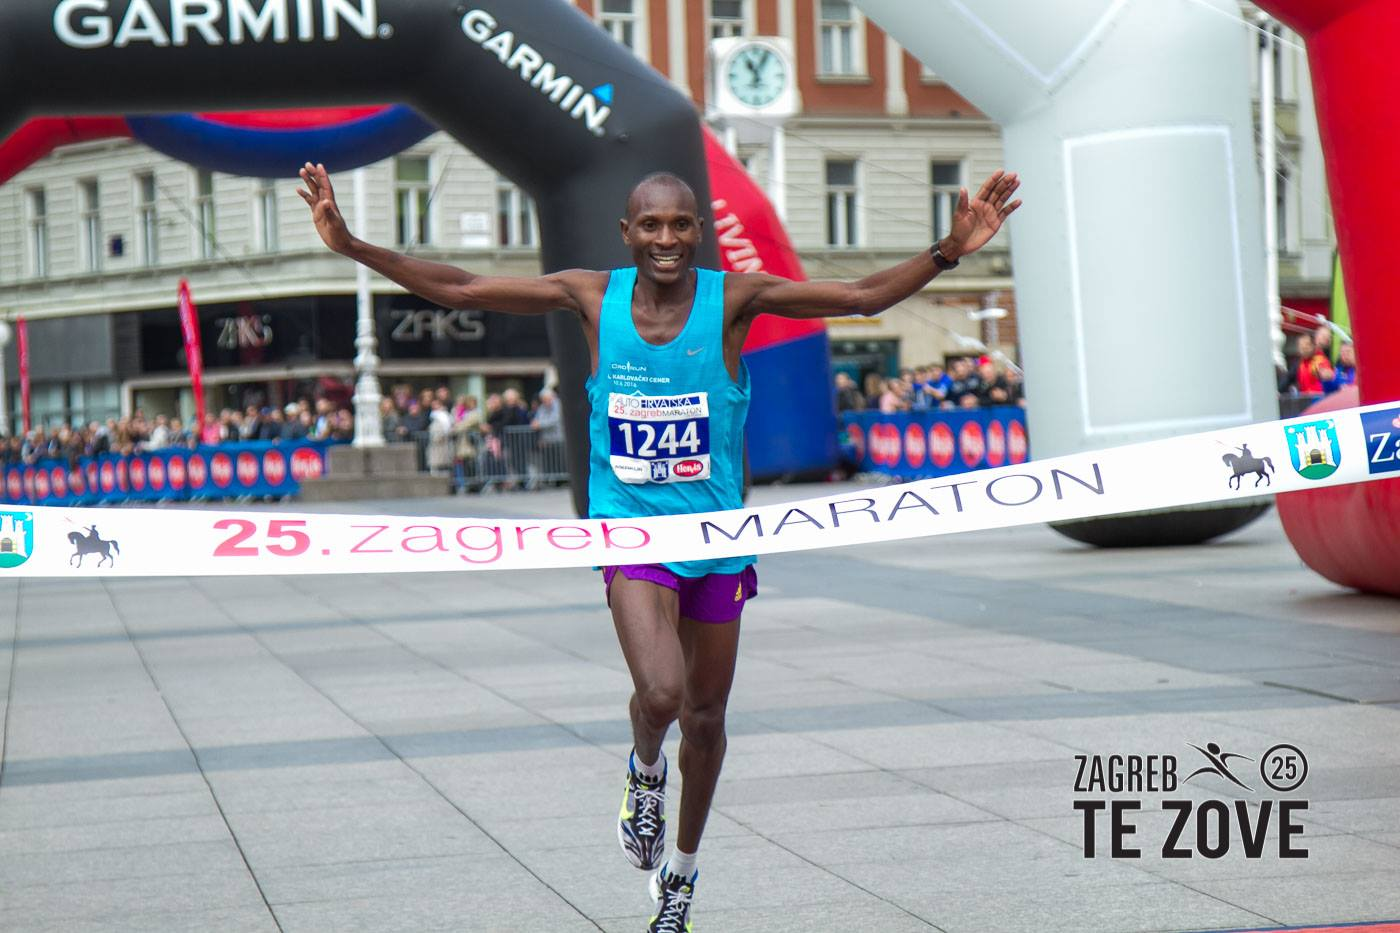 28. Zagrebački maraton @ Zagreb